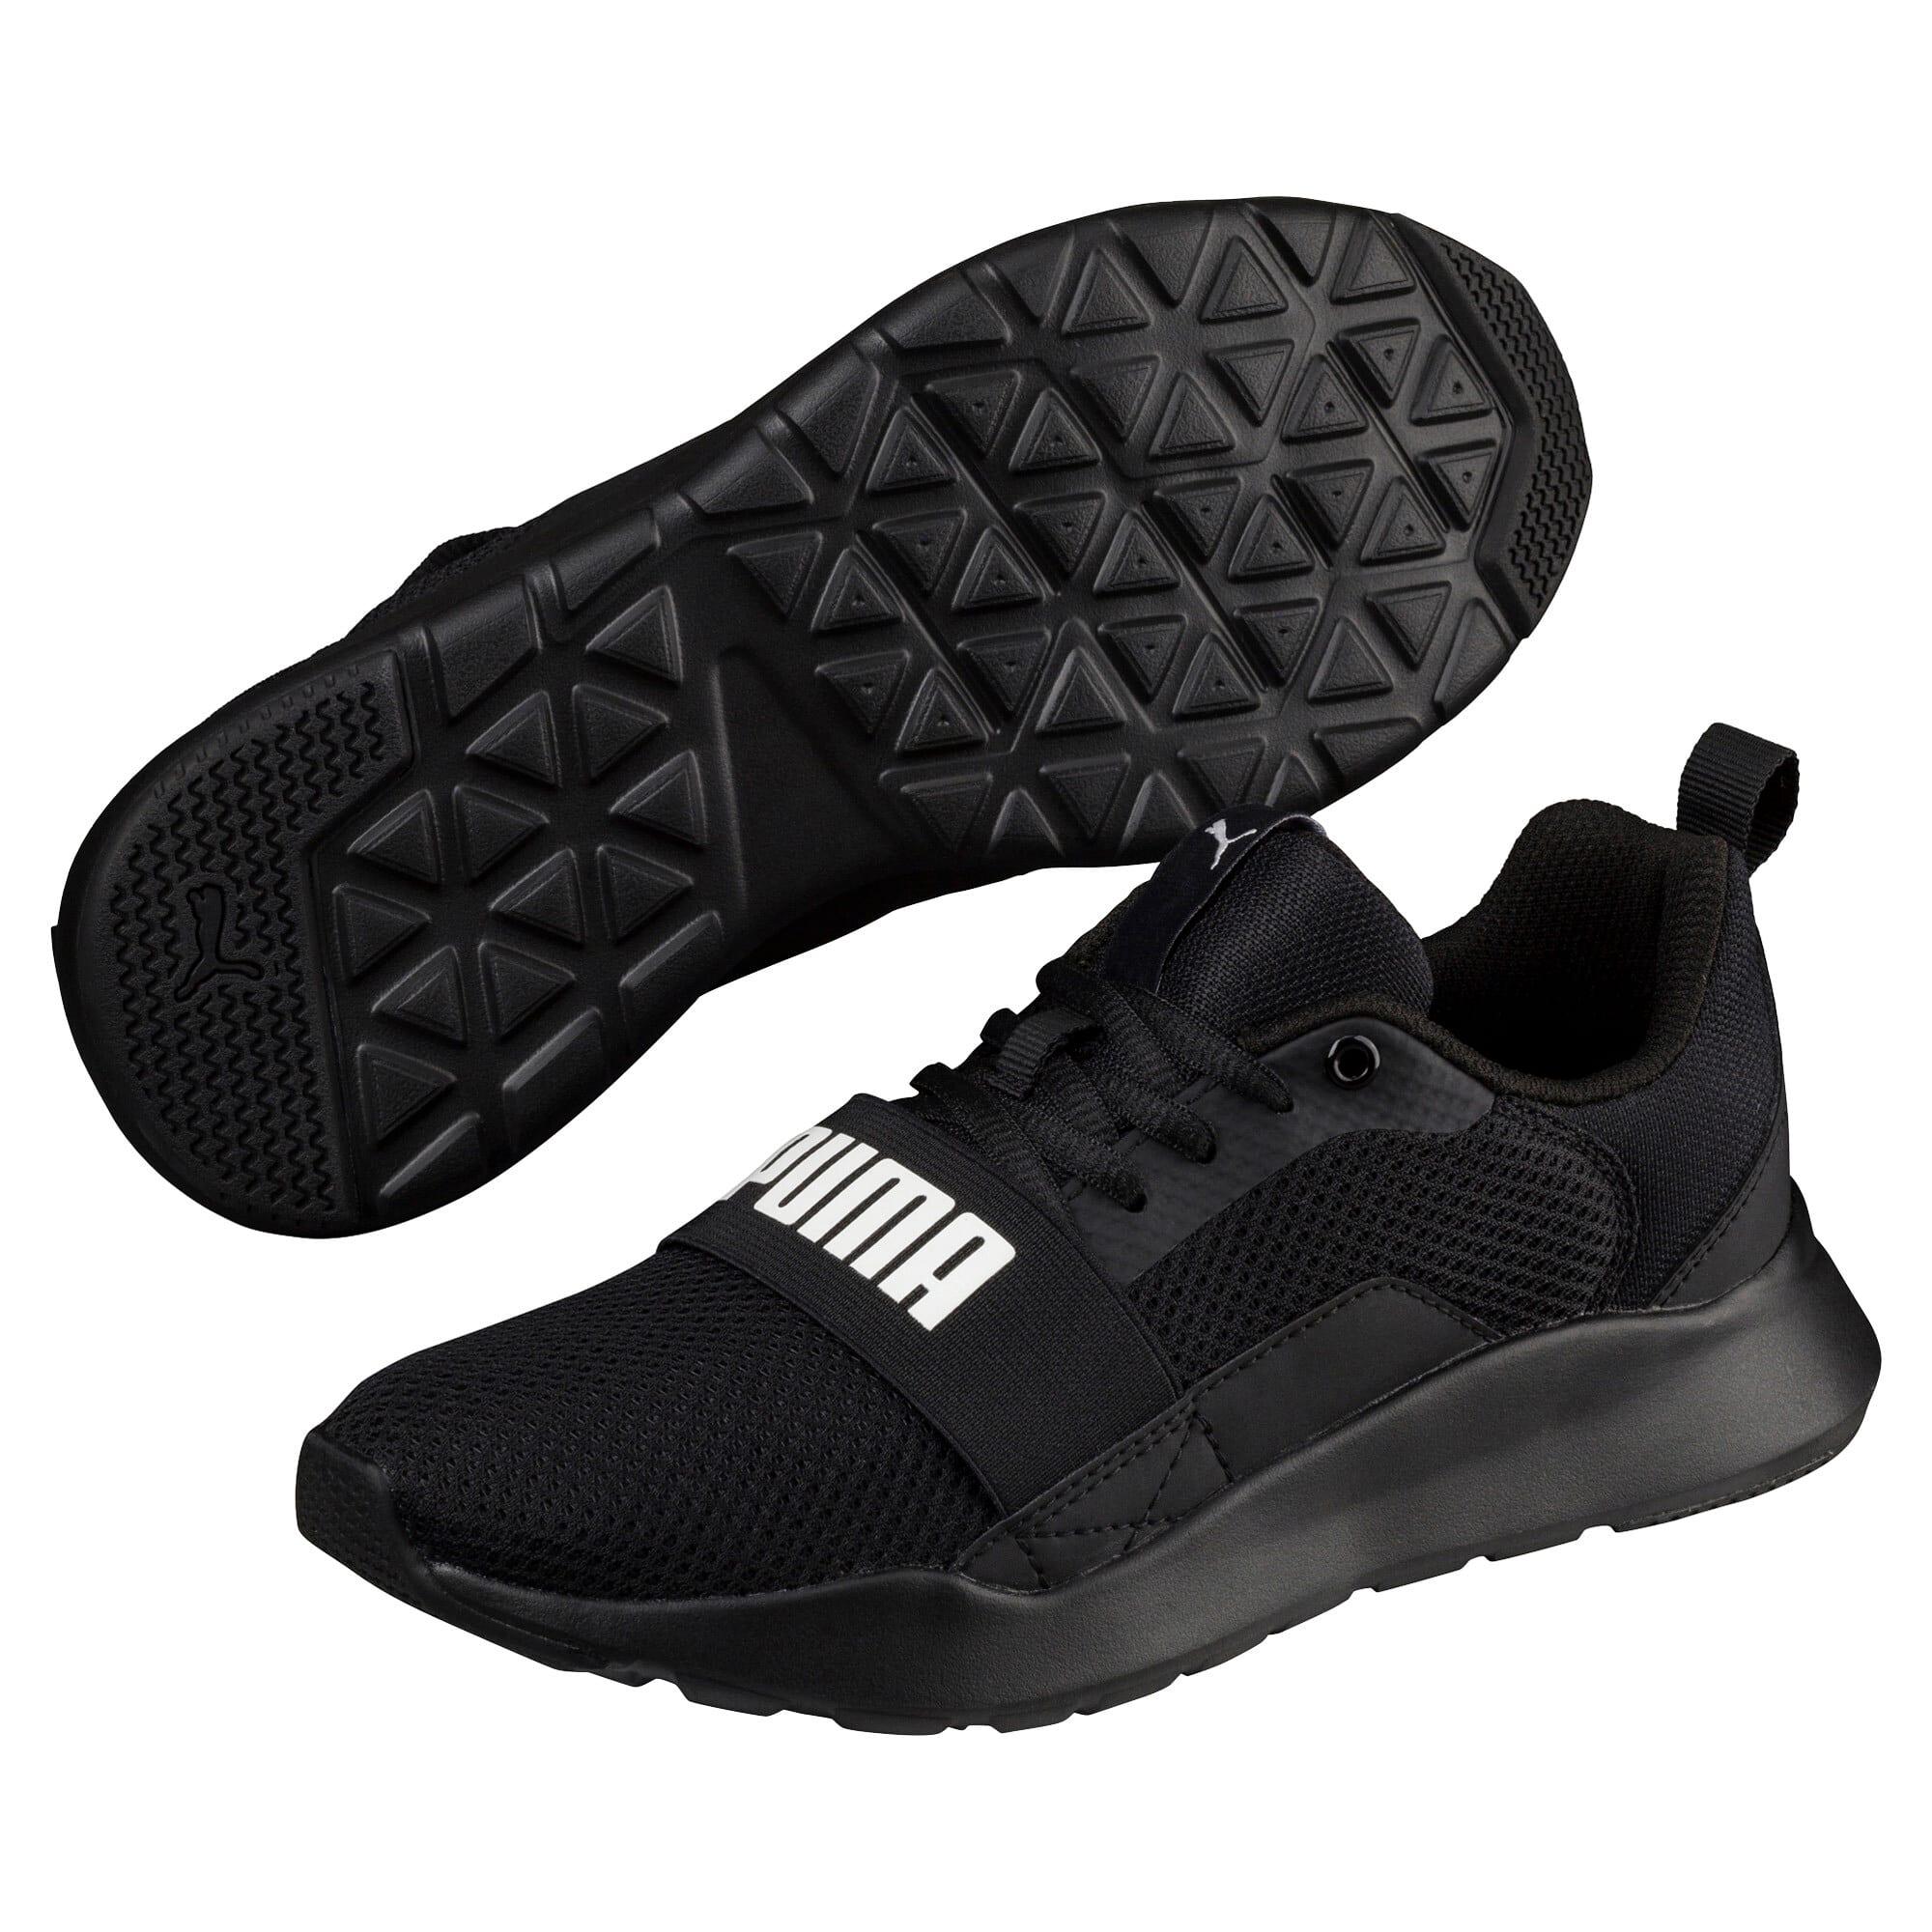 Miniatura 2 de Zapatos deportivos PUMA Wired JR, Puma Black-Puma Black- Negro, mediano